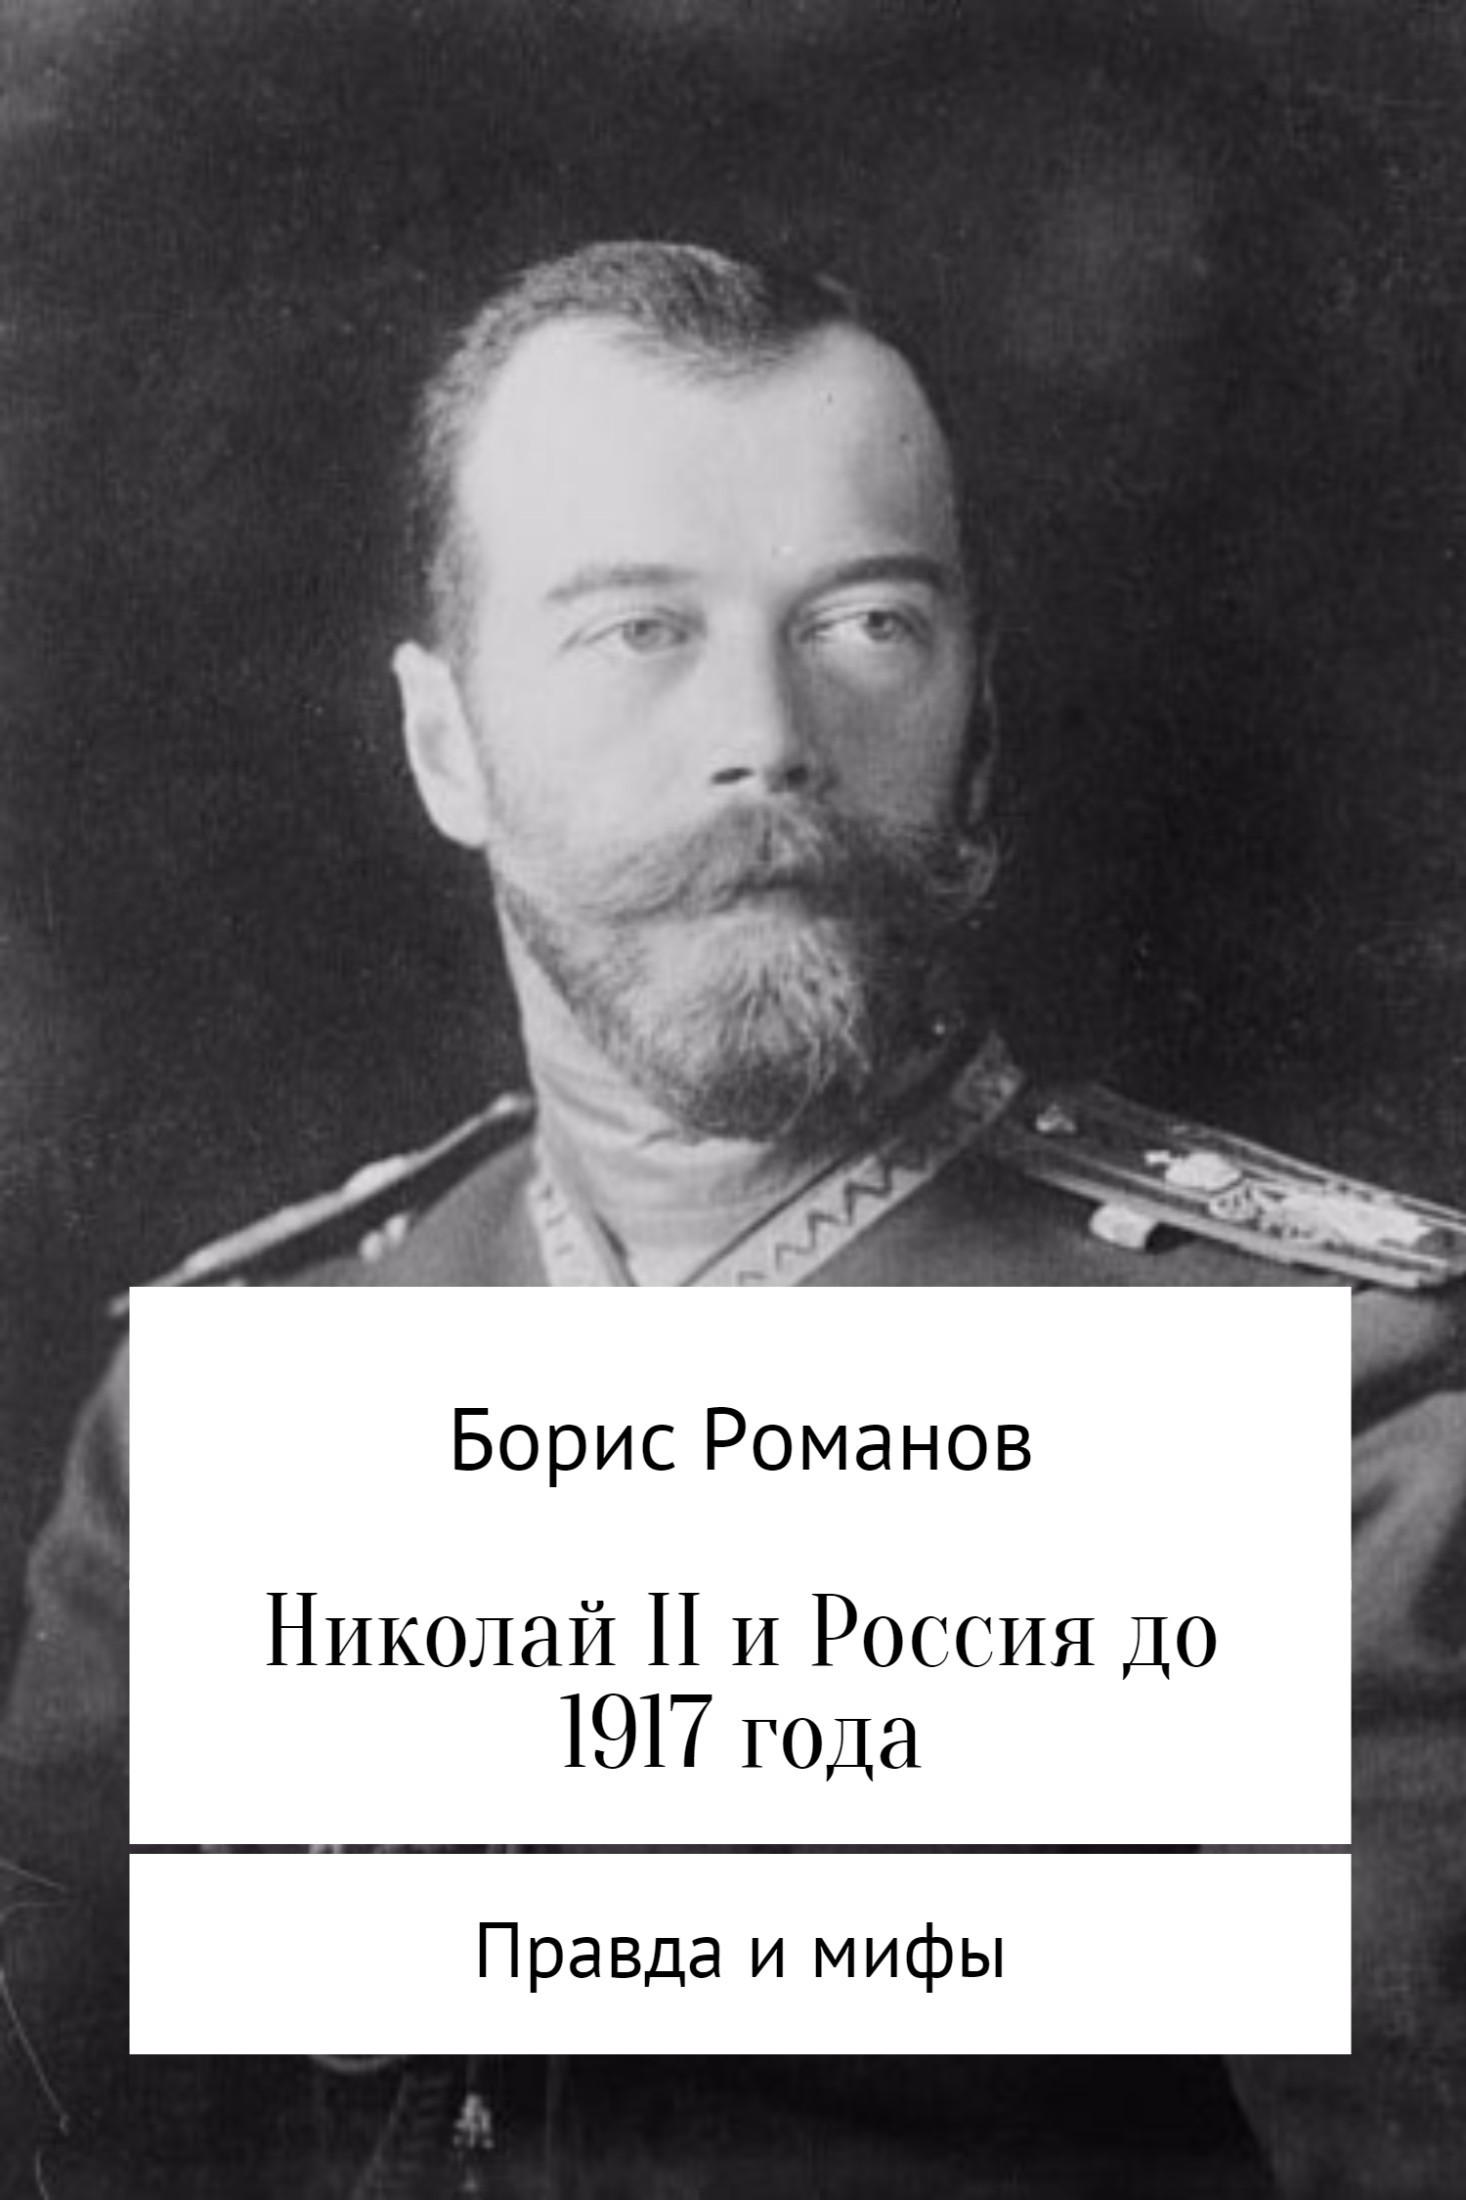 Борис Романов Николай II и Россия до 1917 года алиб сказки гауфа до 1917 года